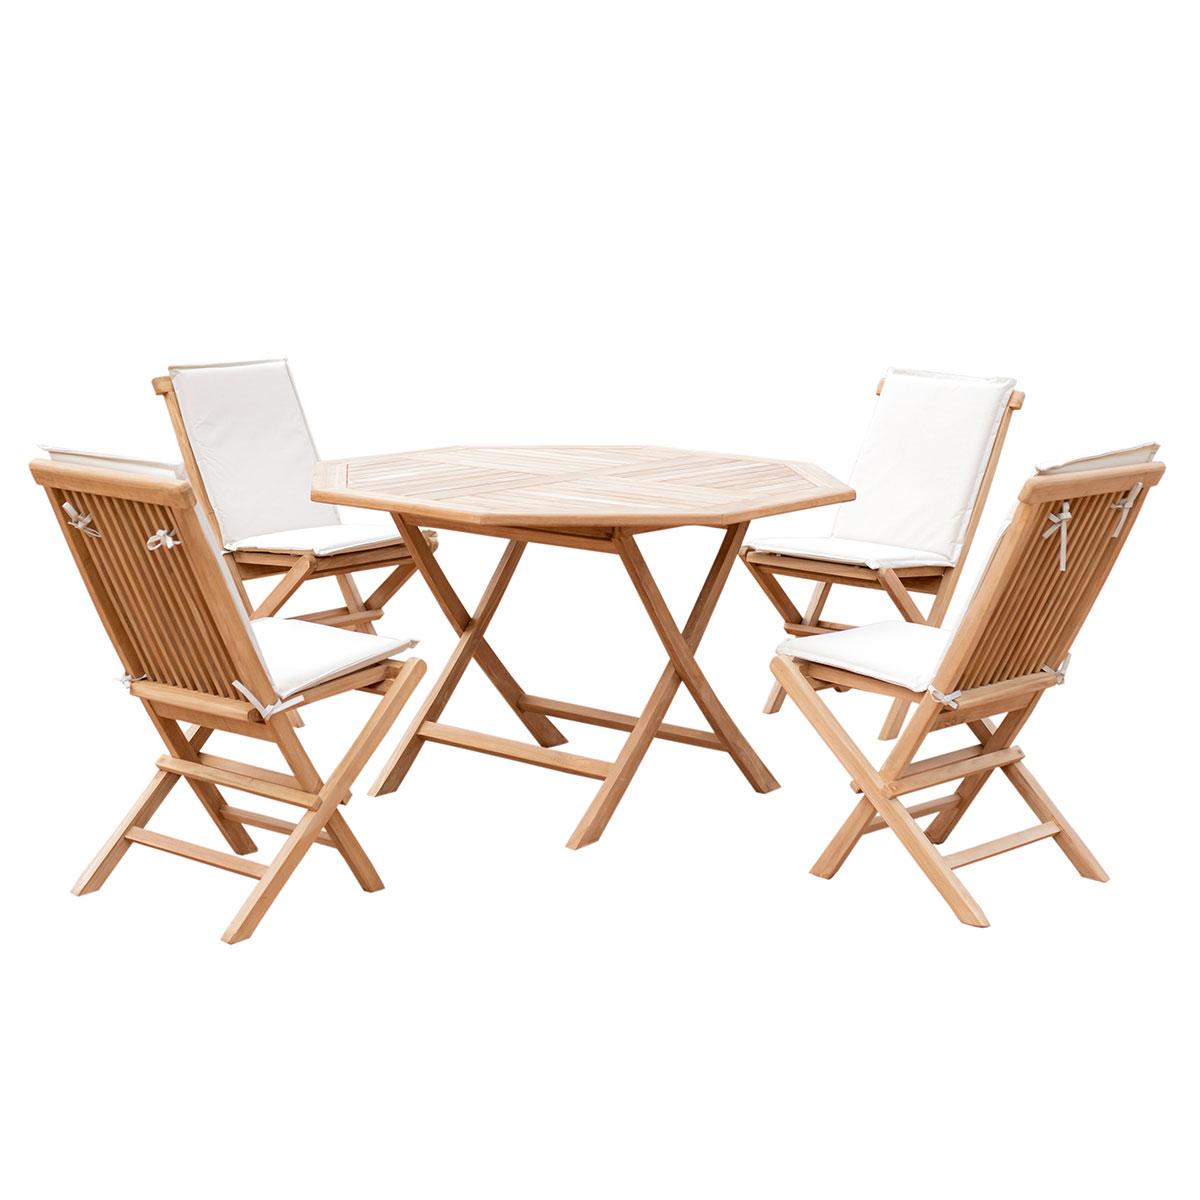 5er-Set Gartenmöbel aus Teak-Holz, Tisch Ø 120cm, 4x Klappstuhl mit ...